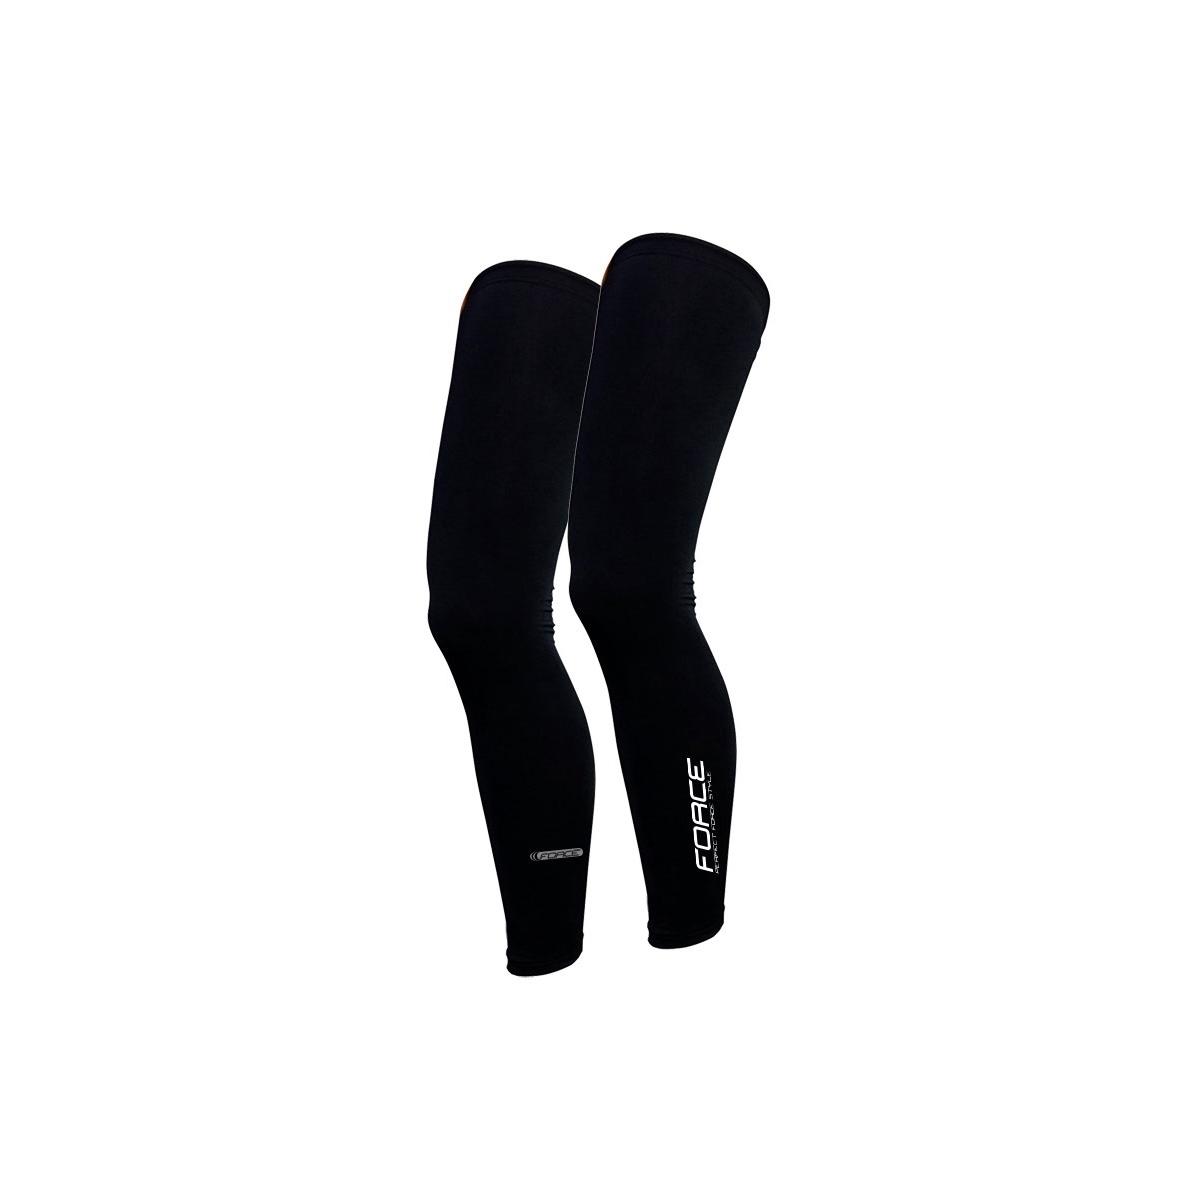 Force návleky na nohy Term dlouhé, černé XL